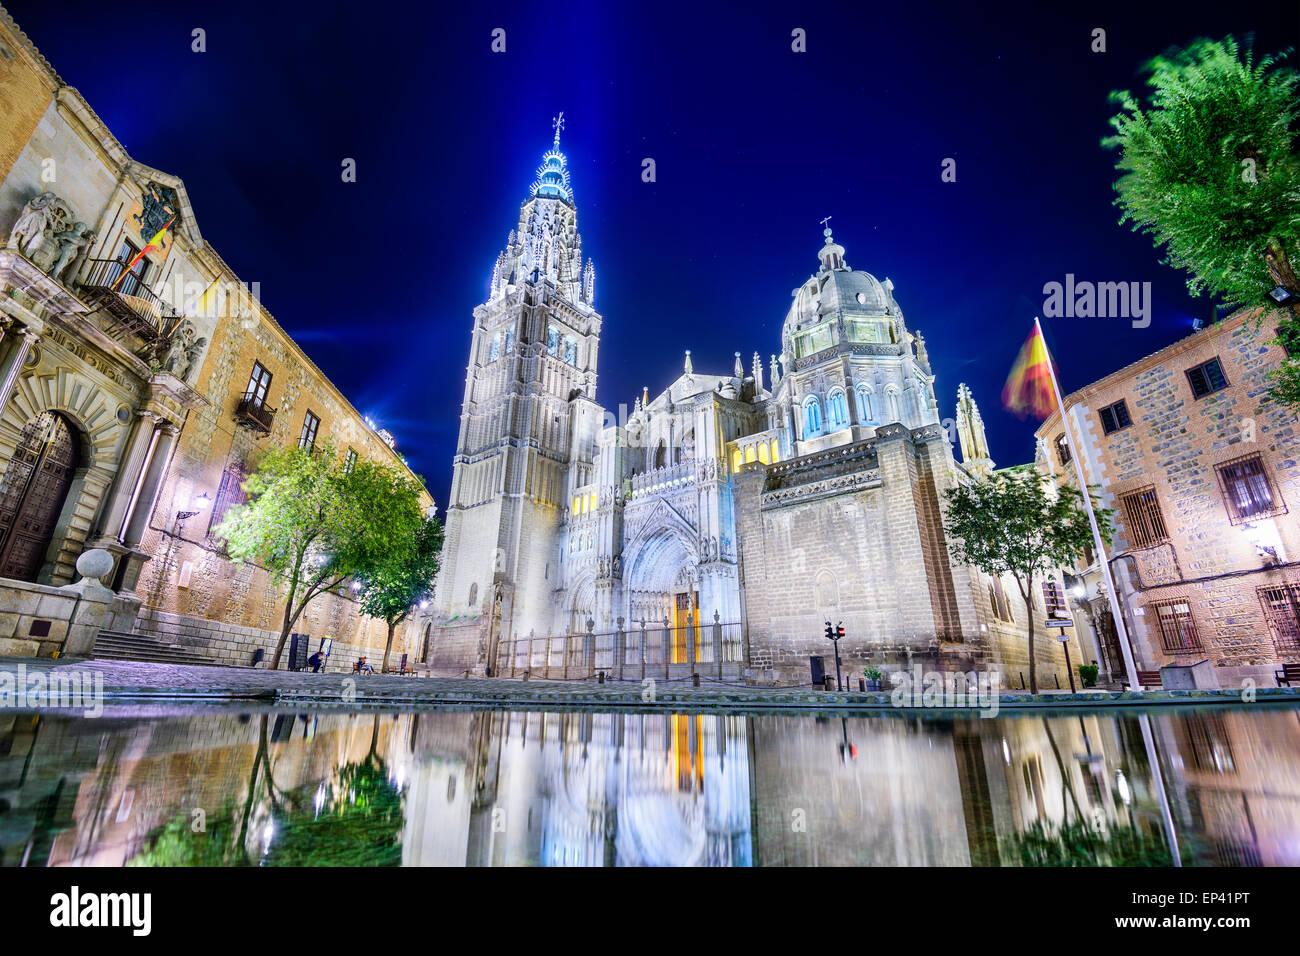 Toledo, Spagna al Primate Cattedrale di Santa Maria di Toledo. Immagini Stock